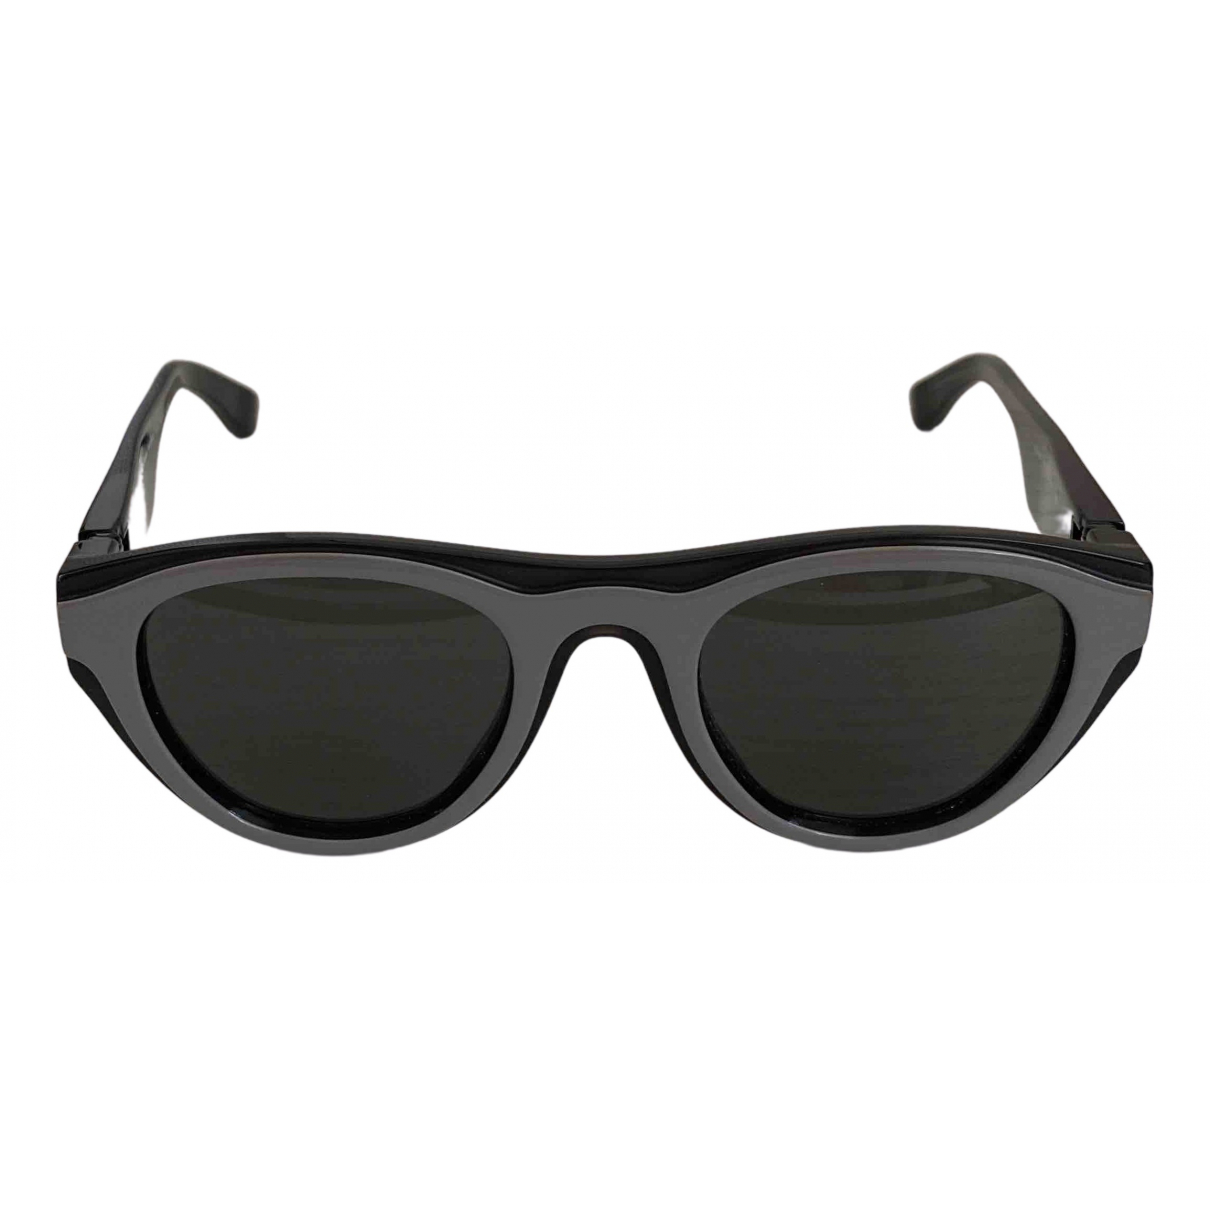 Maison Martin Margiela \N Black Sunglasses for Women \N